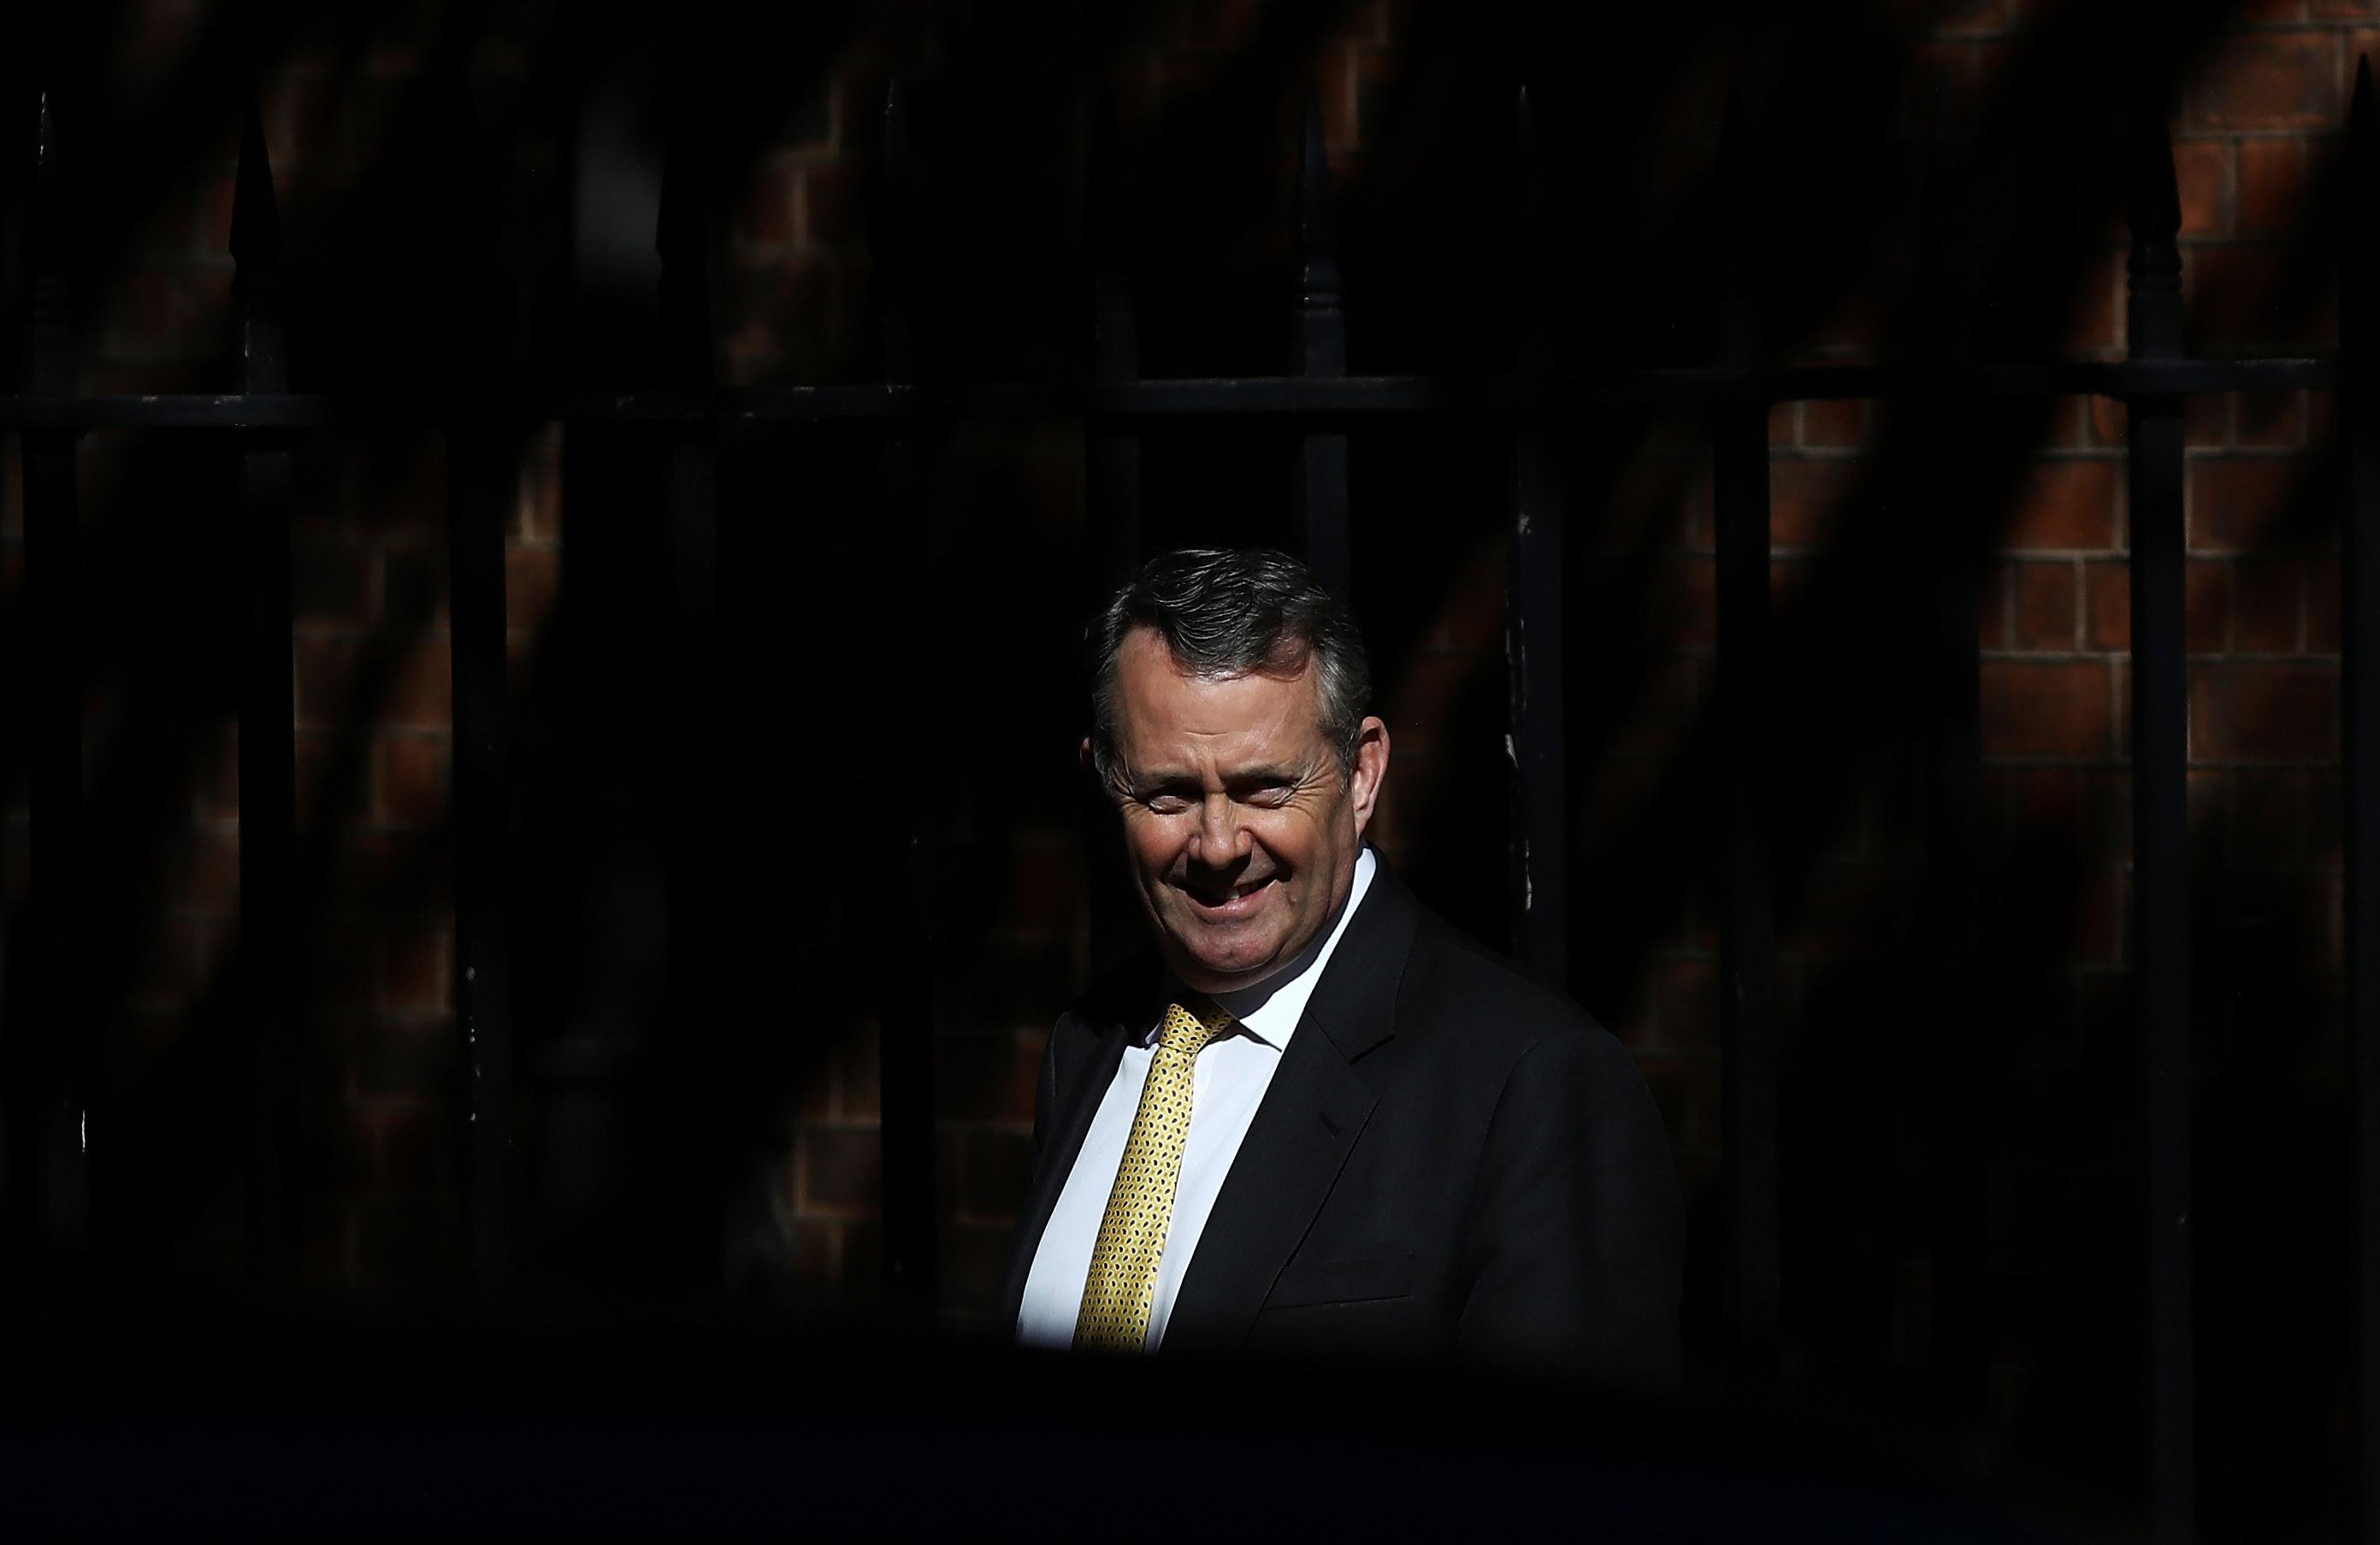 英国贸易部长对特朗普钢铁关税延长表示高兴